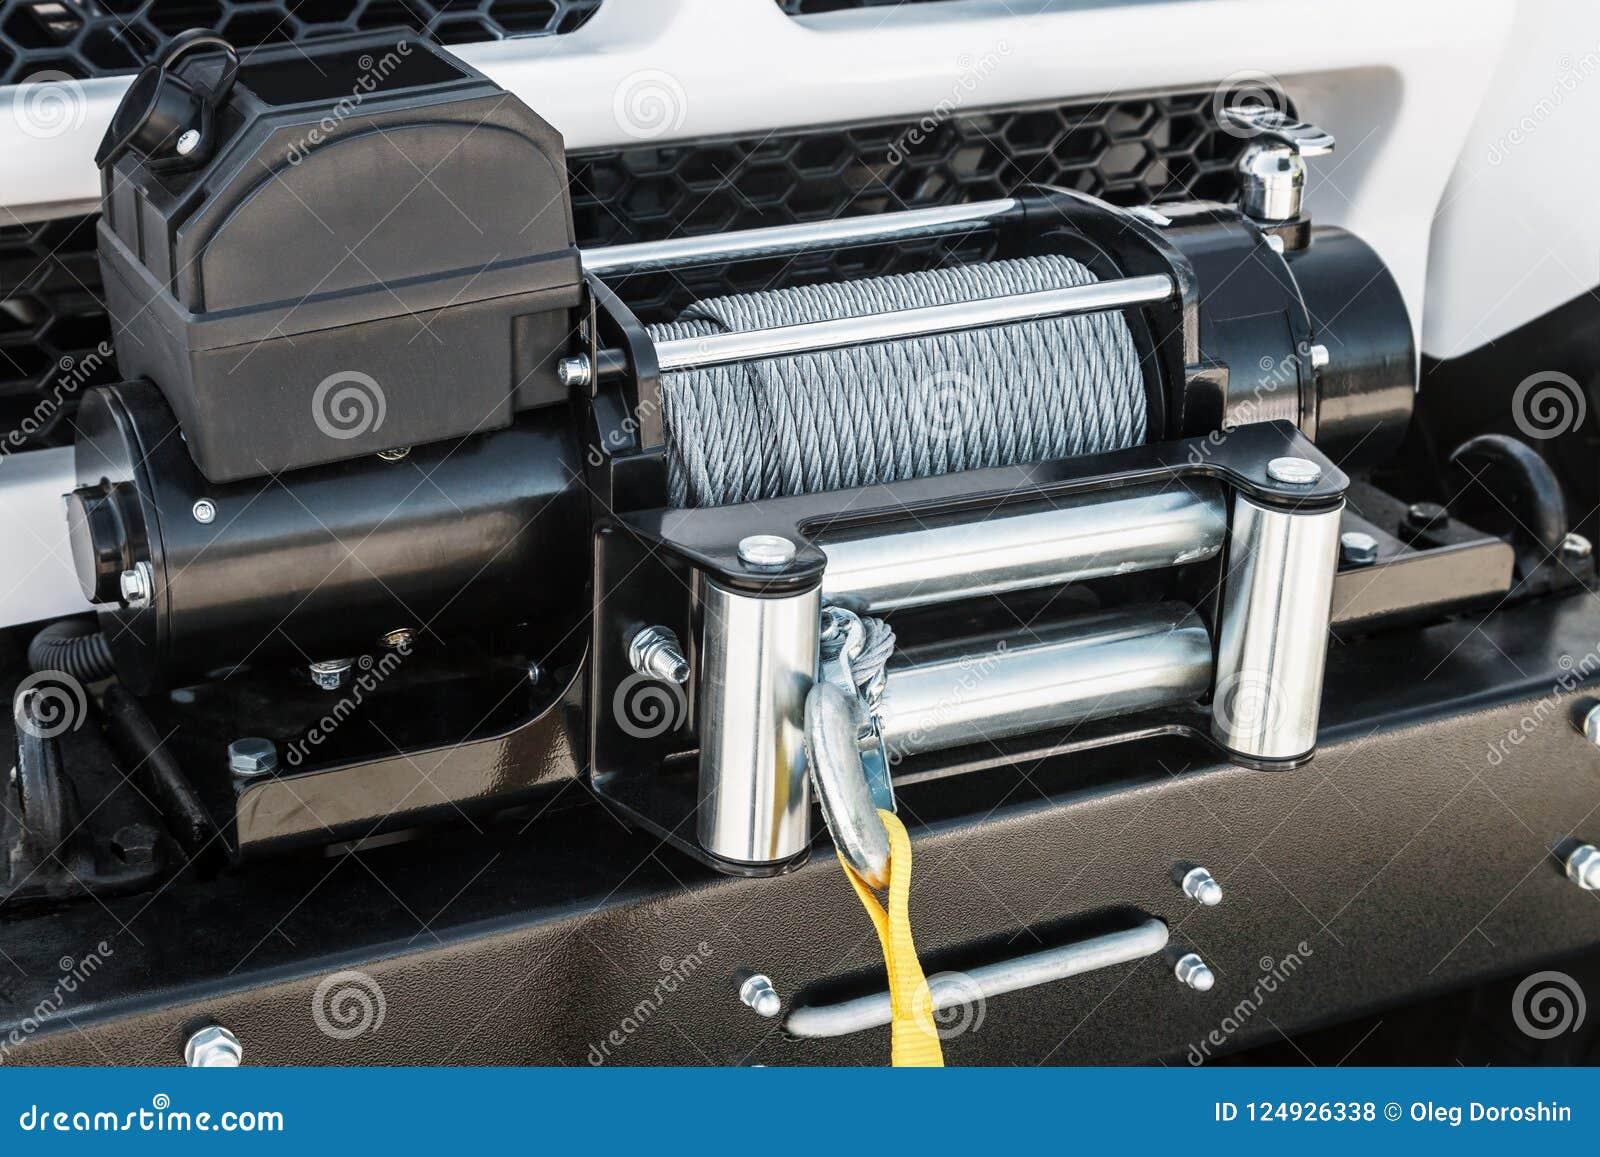 Belägga med metall kabel på vinschrullen för trans. och själv-pullin